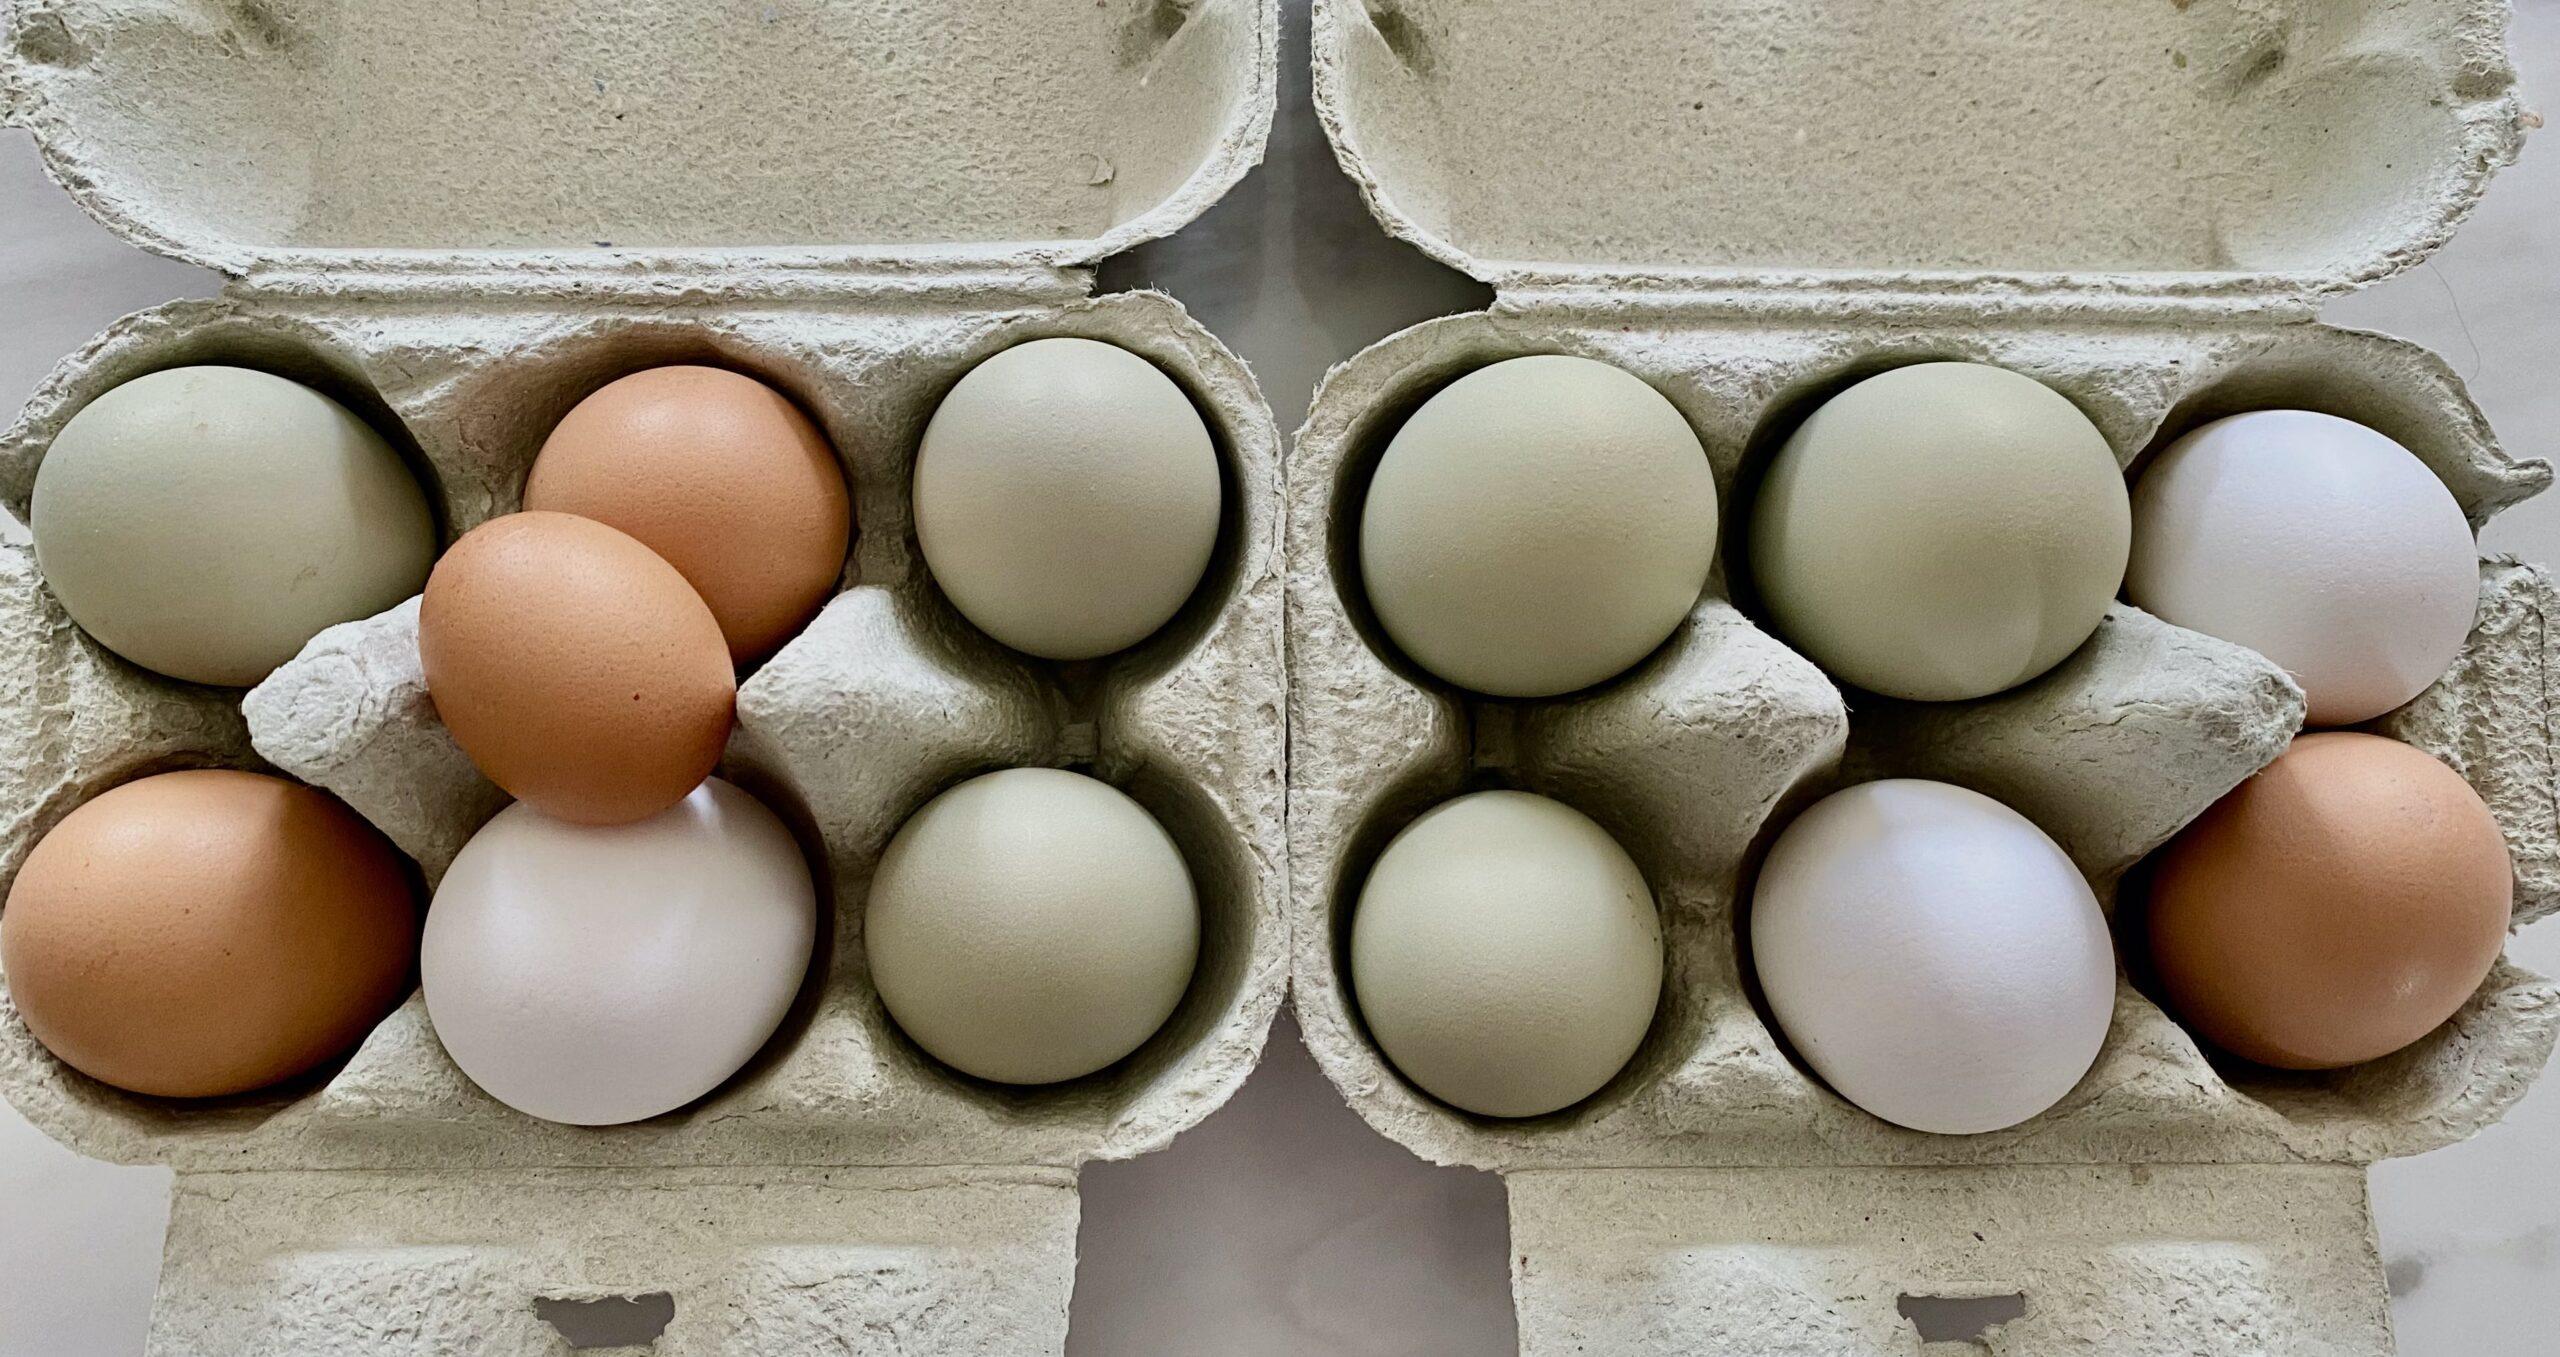 Eier in Eierkartons